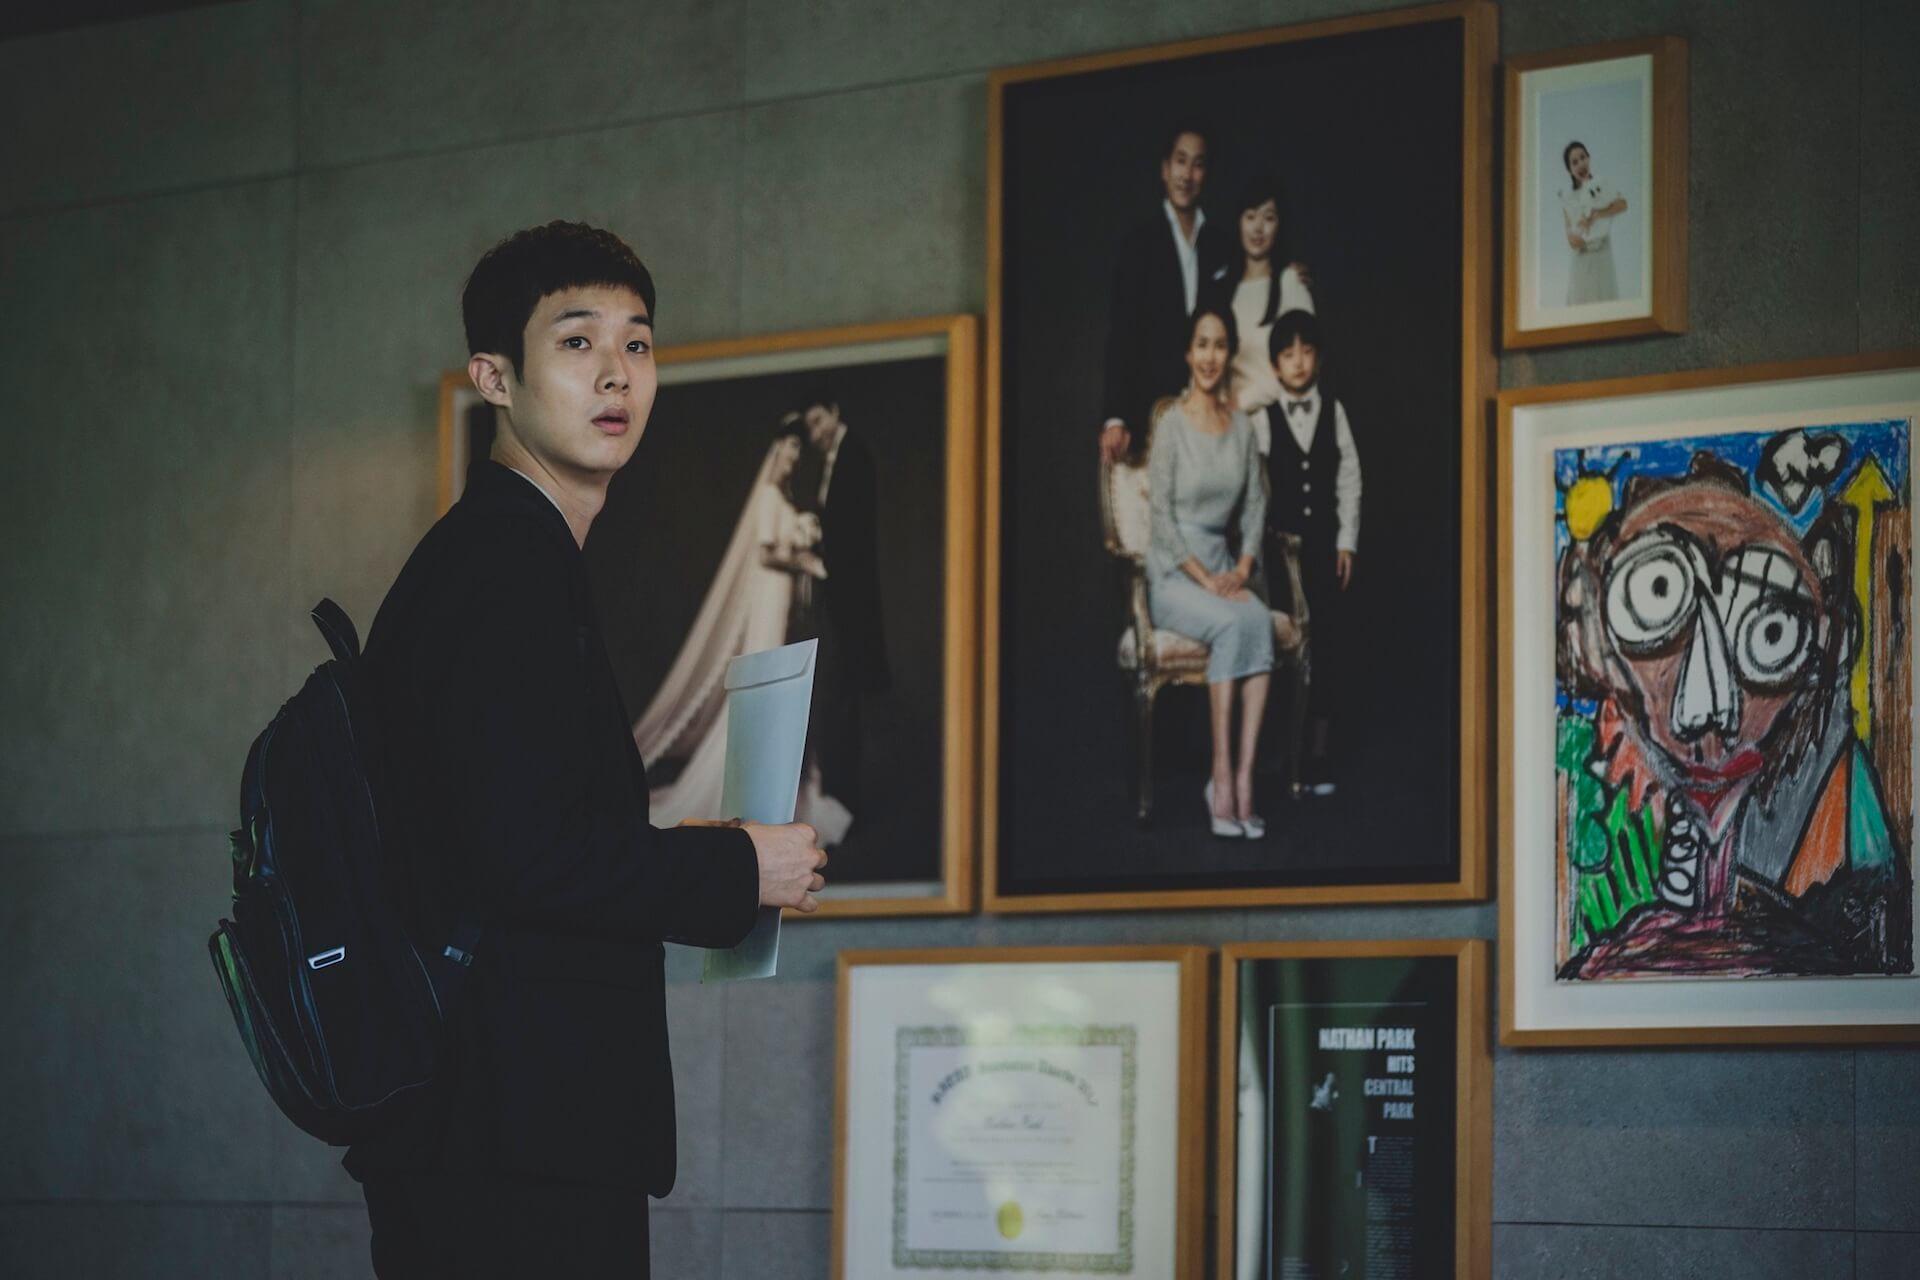 『パラサイト 半地下の家族』韓国映画史上初の快挙!アカデミー賞作品賞含む6部門にノミネート film200114_parasite_2